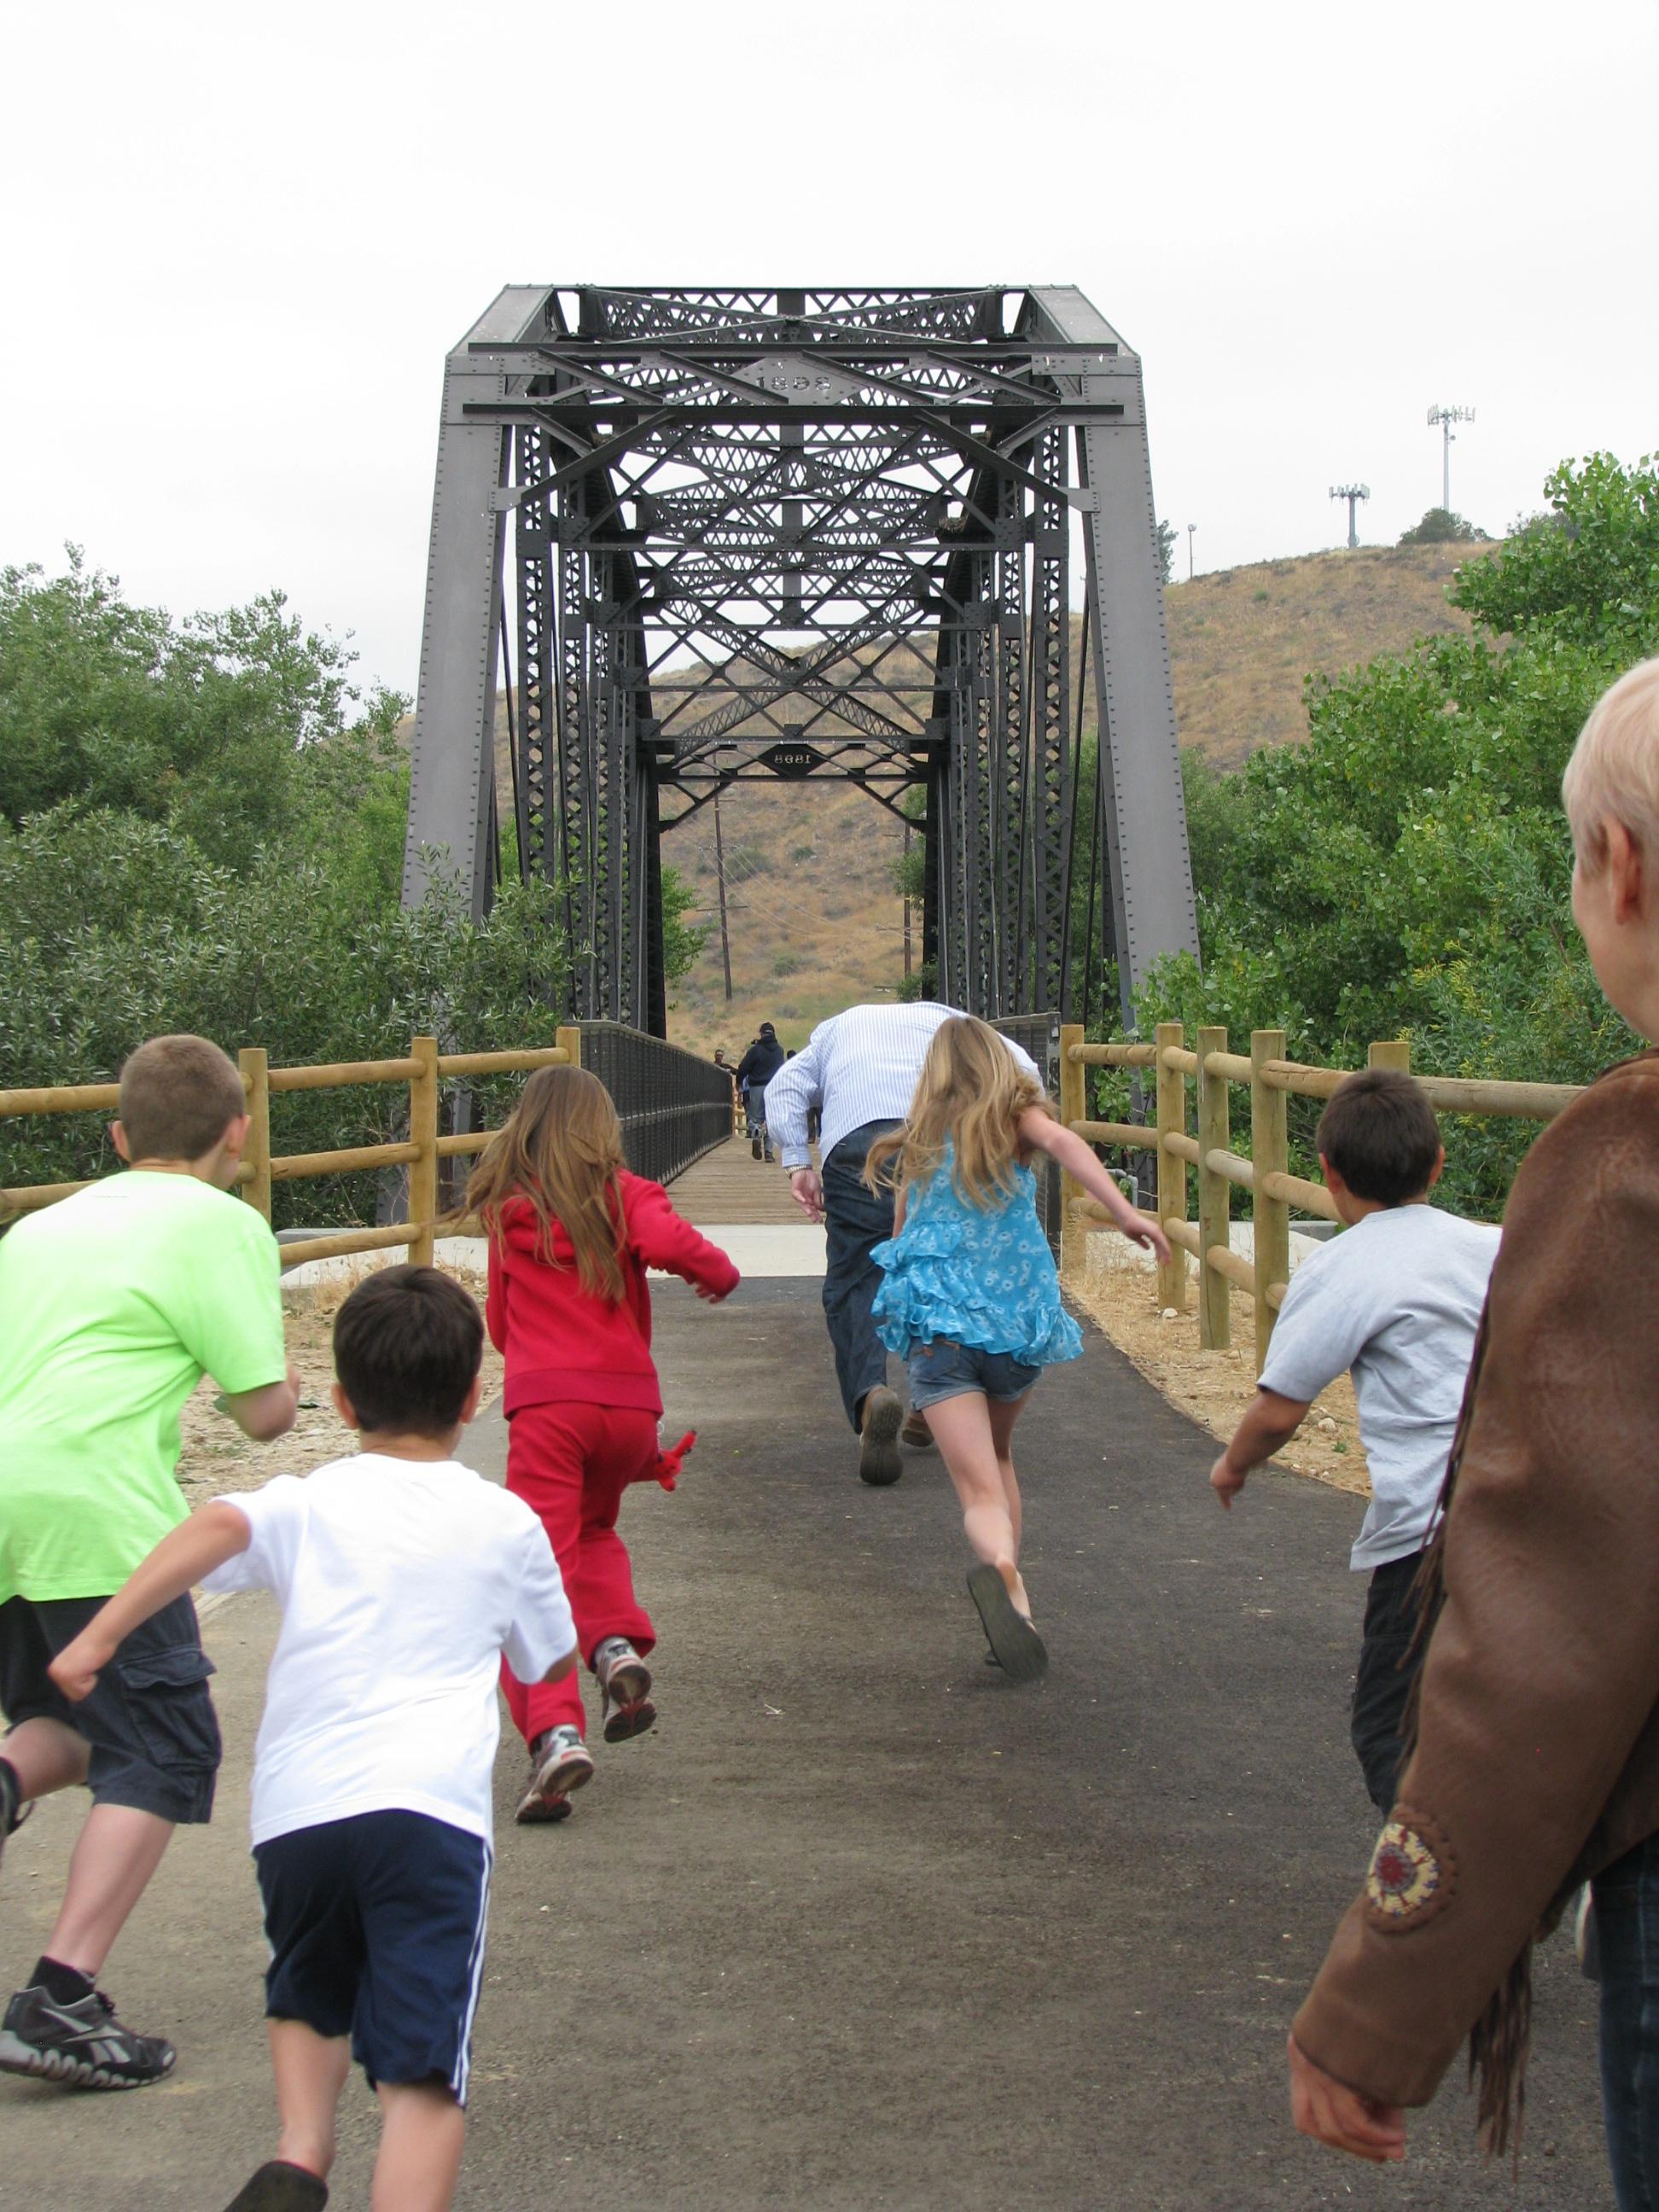 MAYOR RACES KIDS ACROSS BRIDGE